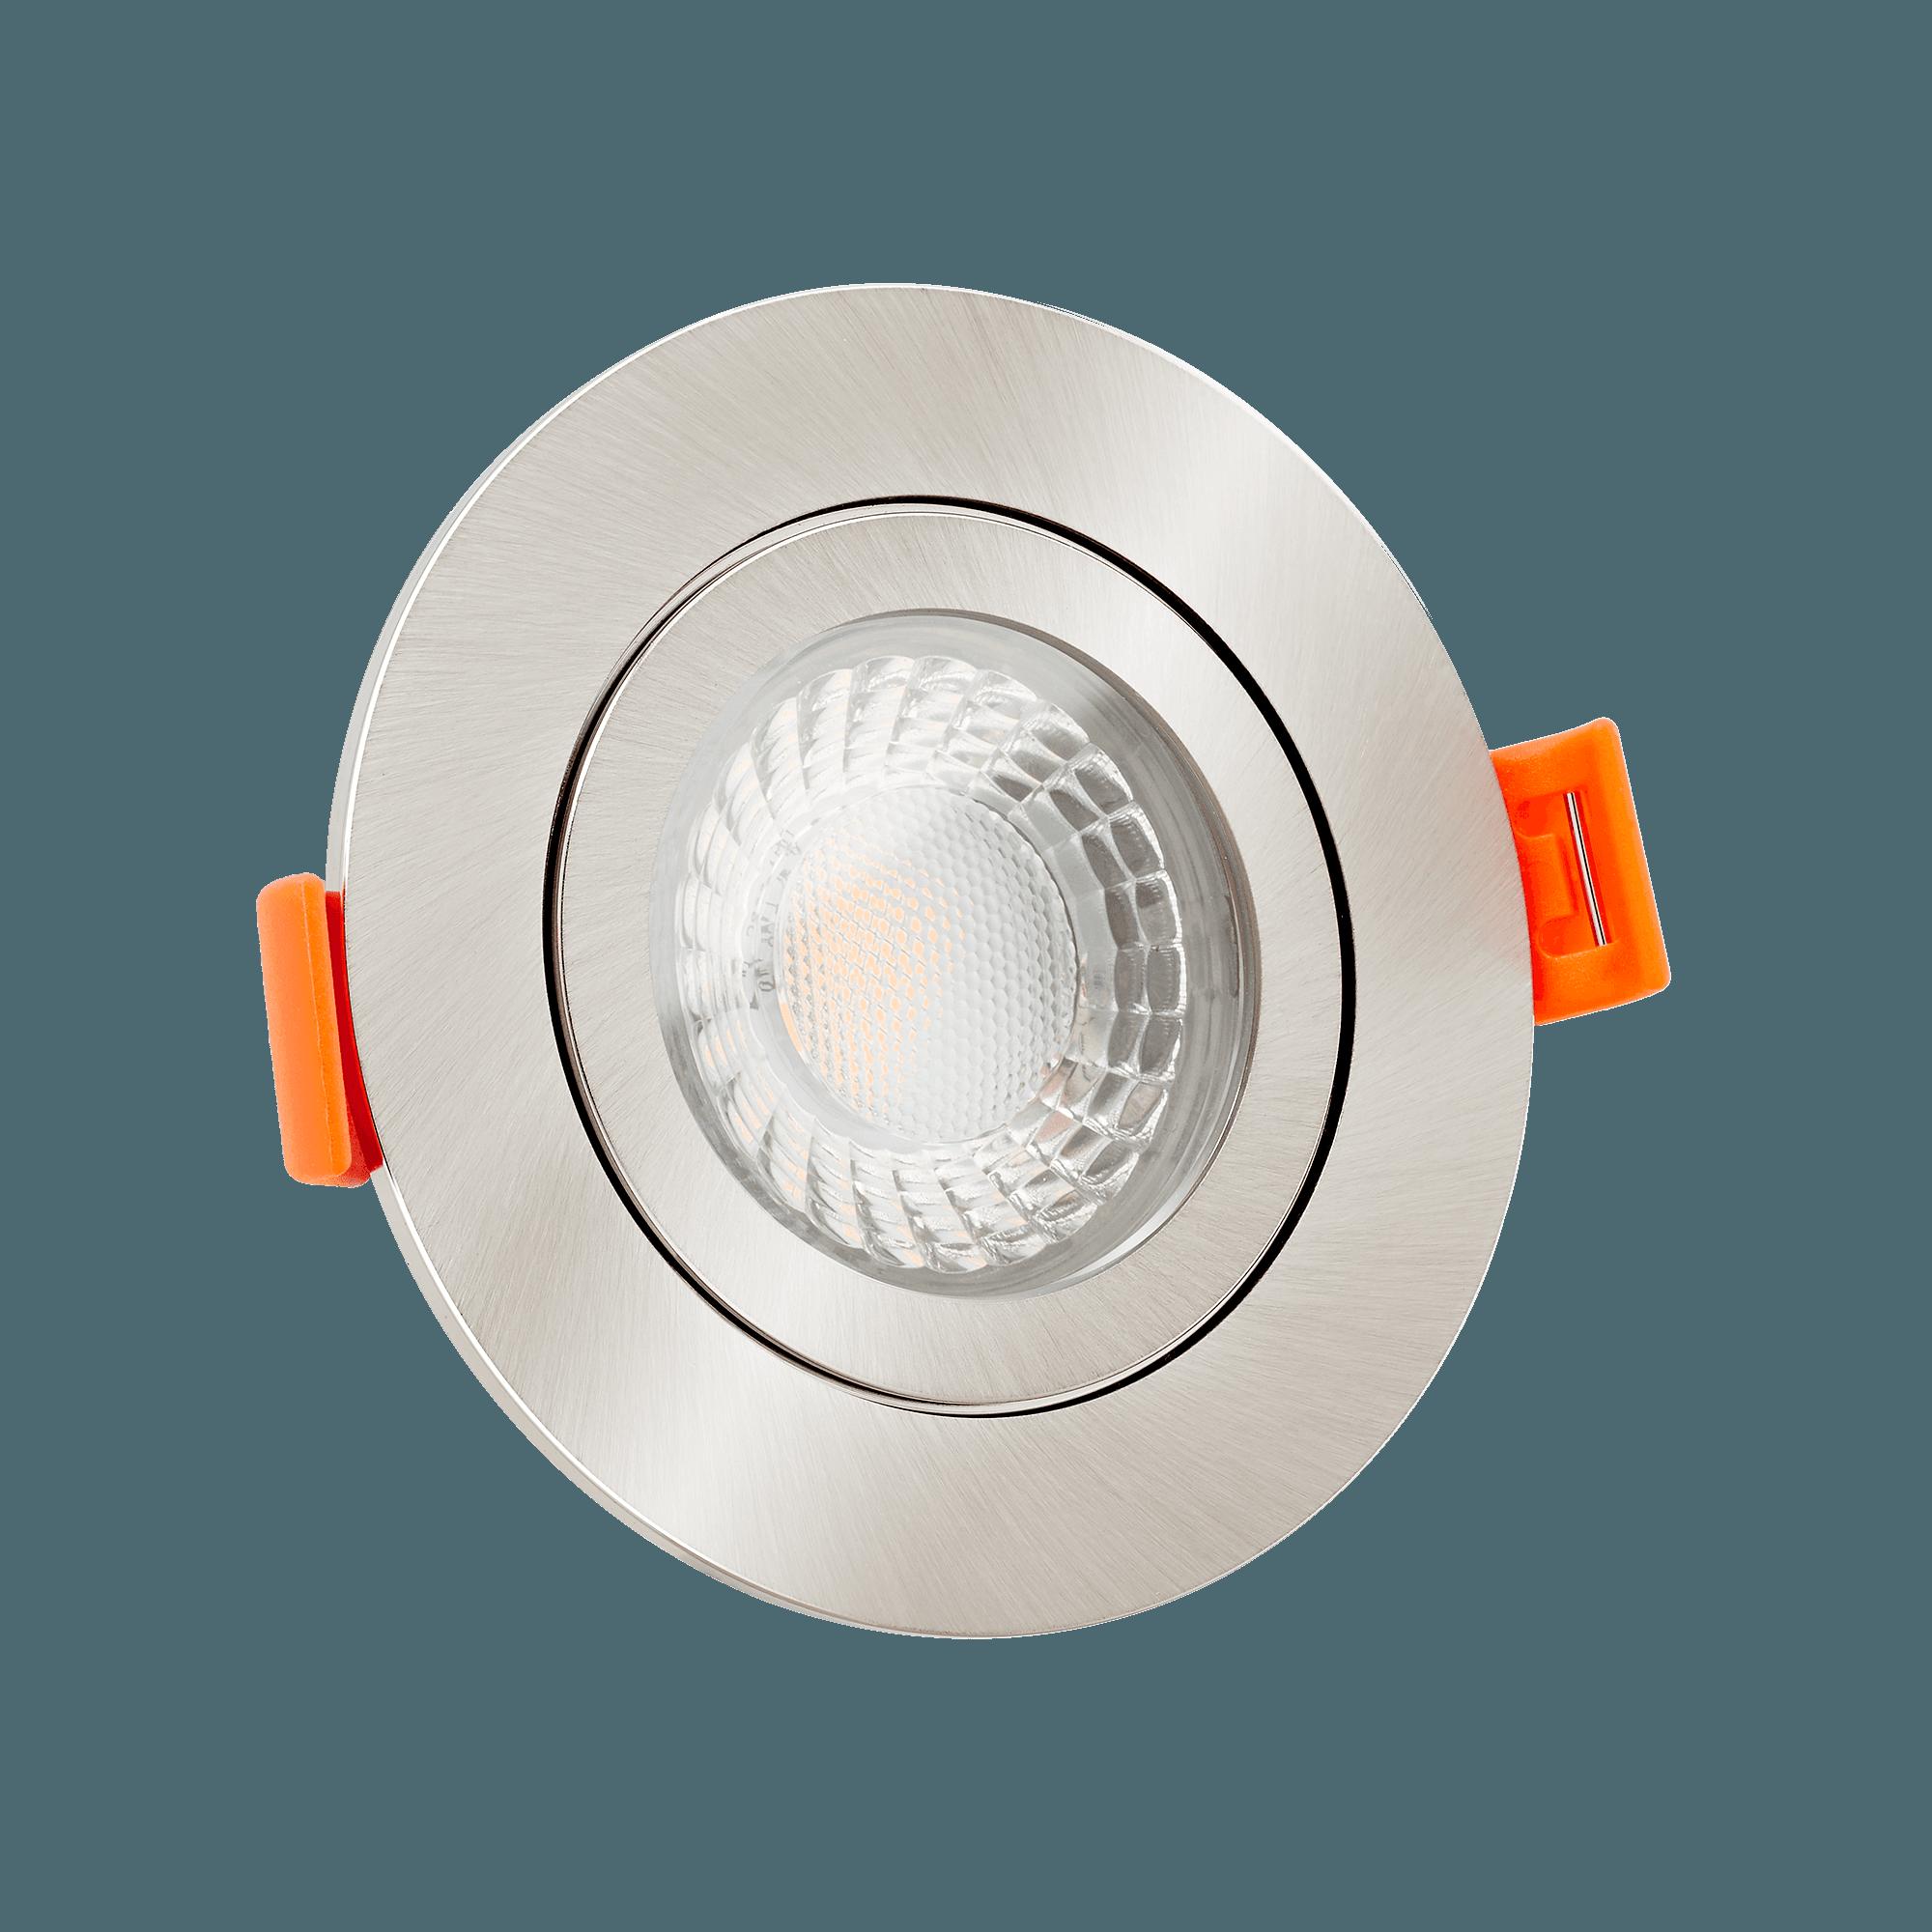 Bad LED-Einbaustrahler 230V nur 25mm flach dimmbare Lichtfarbe 1800 ...